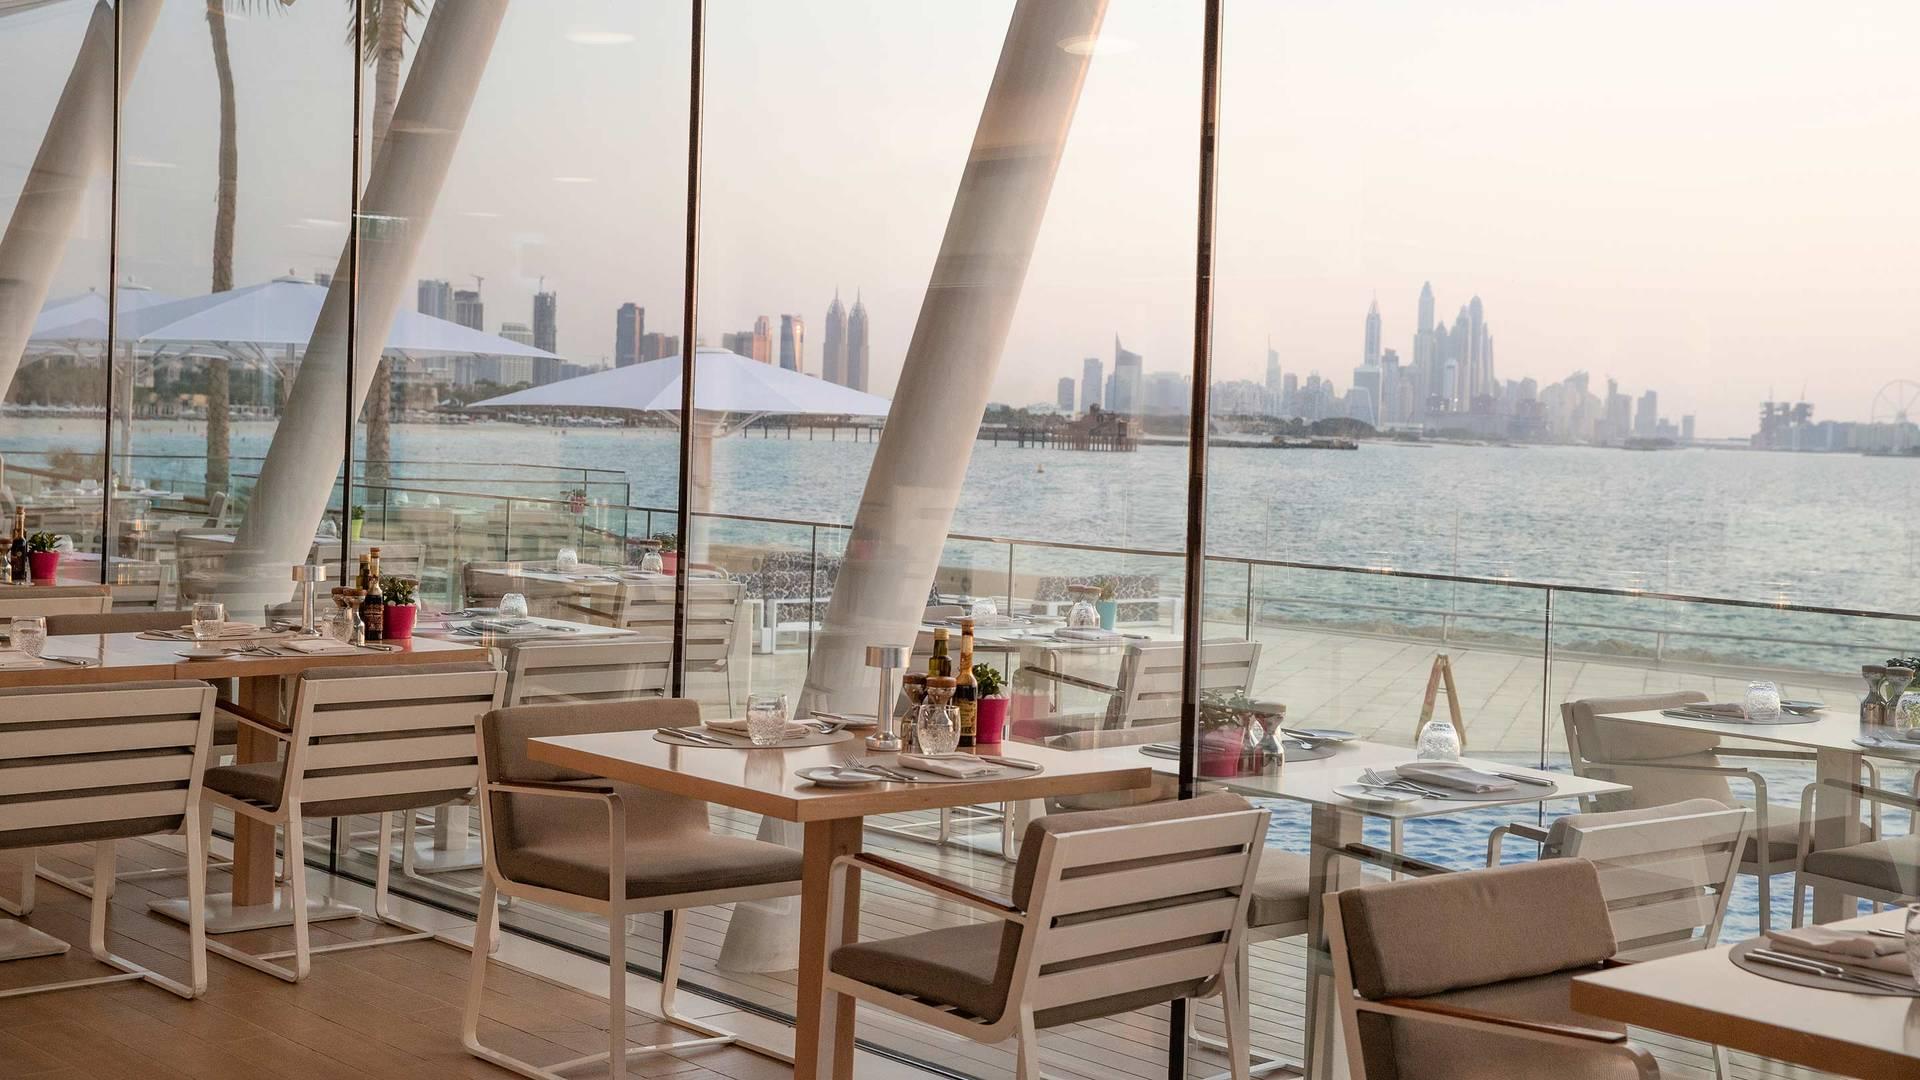 برج العرب جميرا، مطعم باب اليم المطل على الشاطئ والمدينة